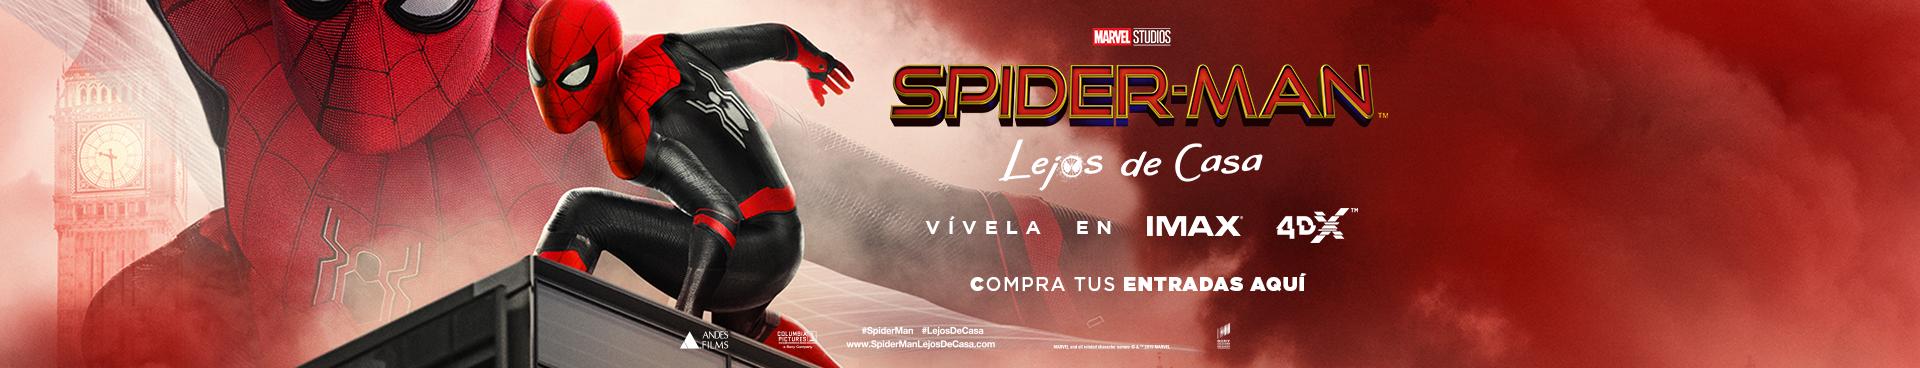 SPIDERMAN: LEJOS DE CASA, VIVELA EN IMAX Y 4DX, COMPRA AQUÍ TUS ENTRADAS